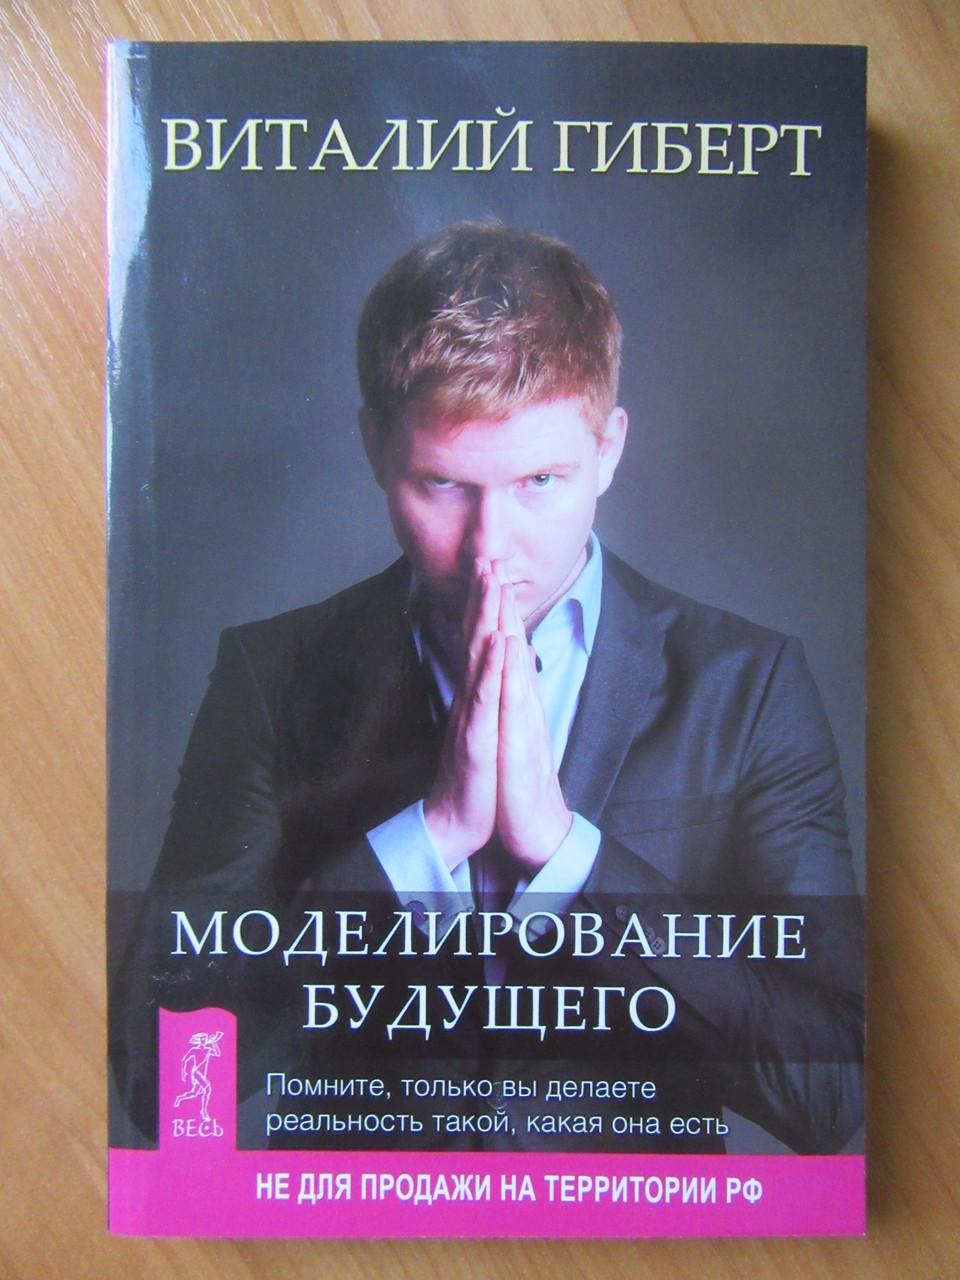 Виталий Гилберт. Моделирование будущего